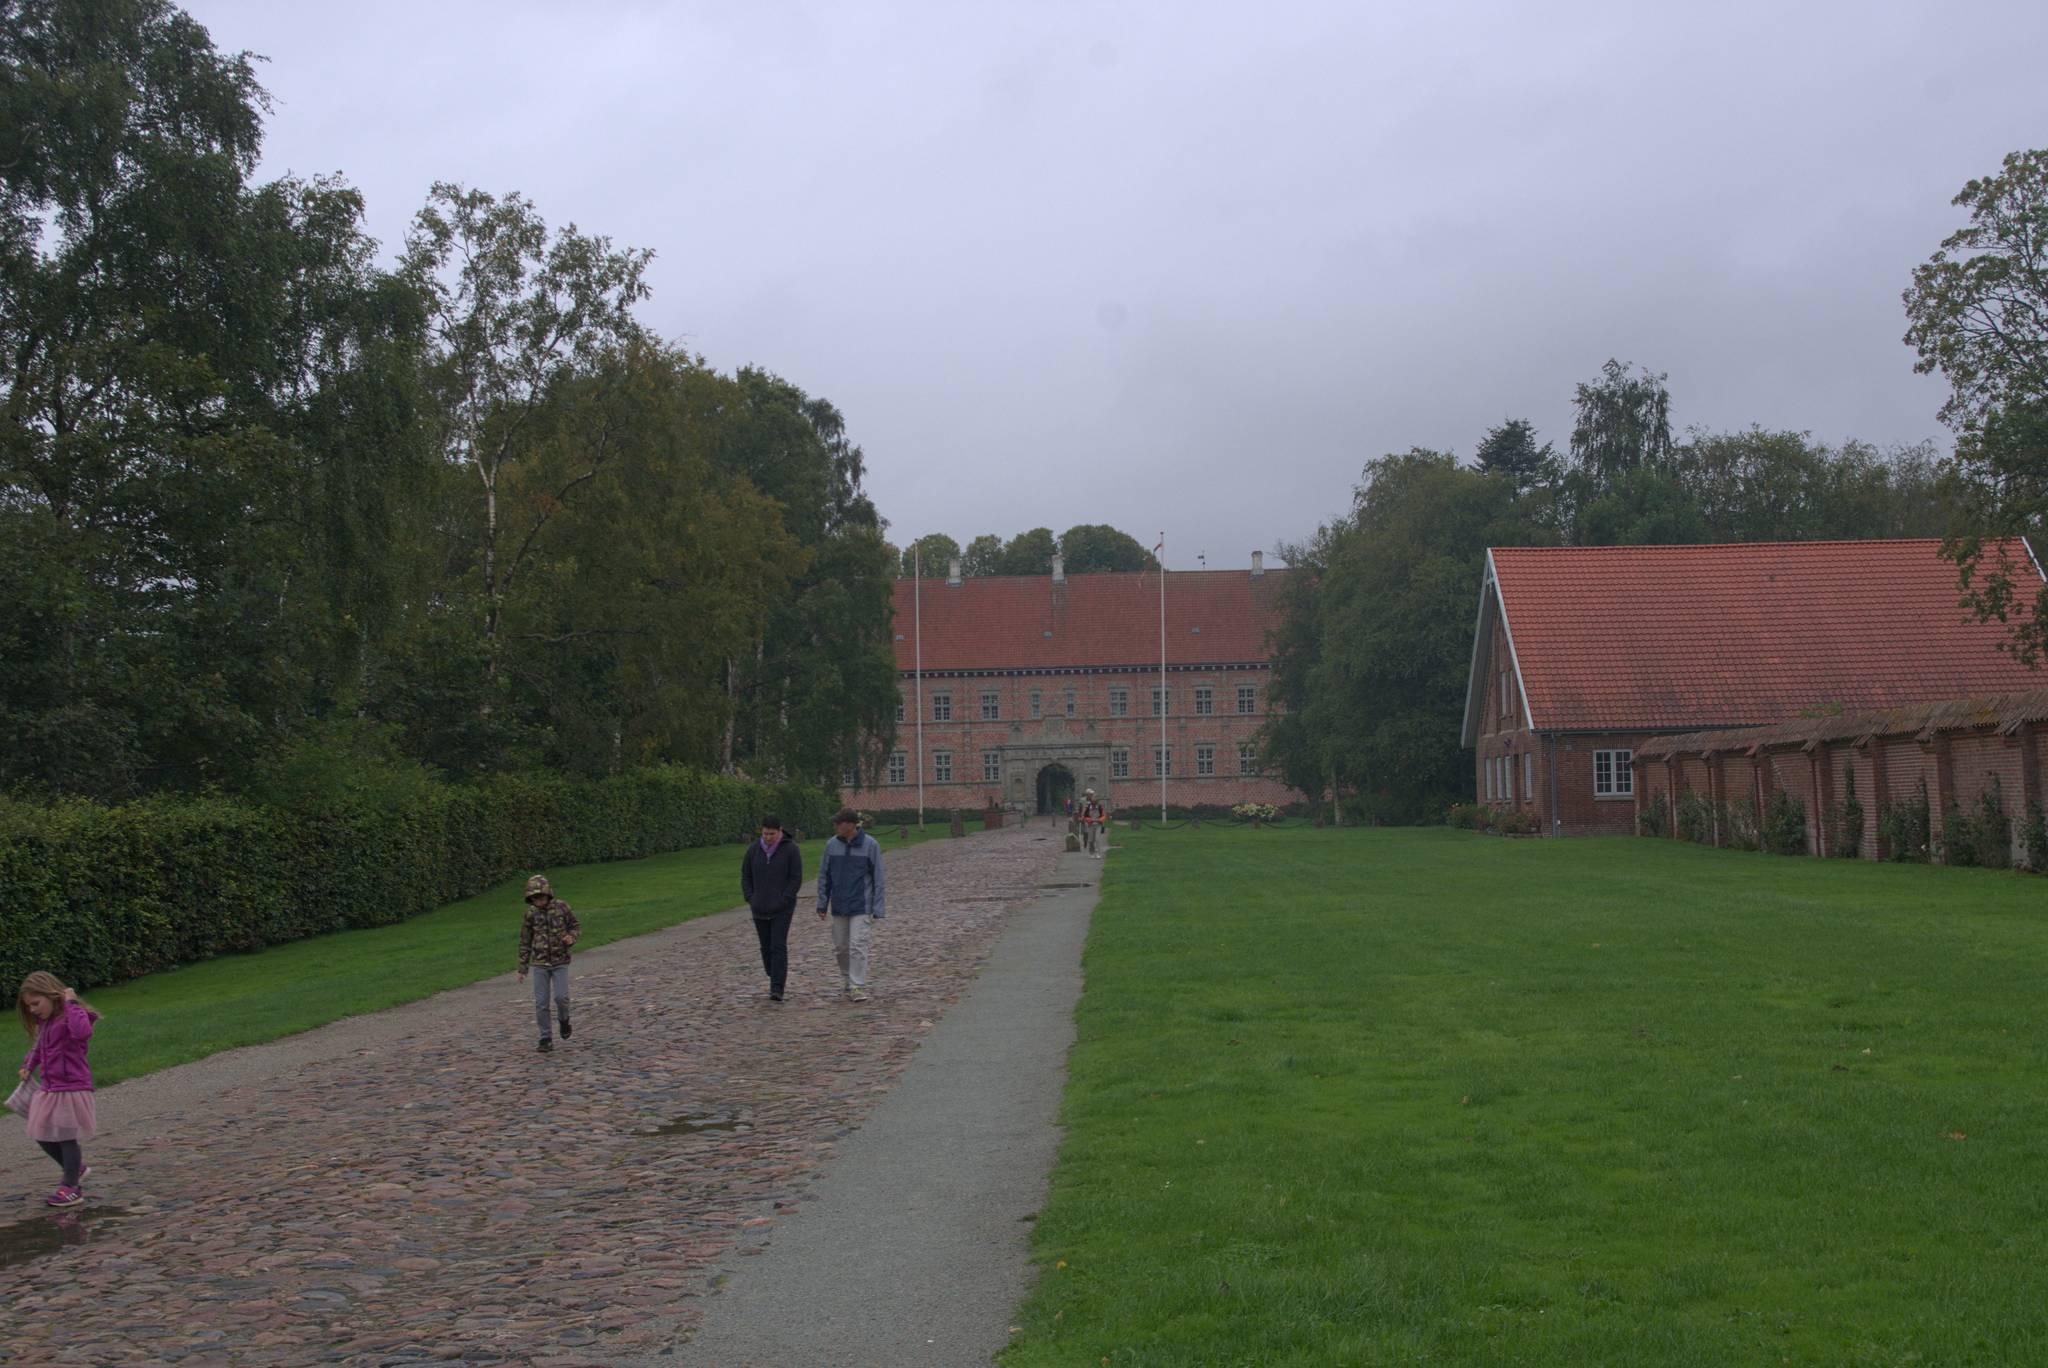 Tymczasem skok do Danii. Zamek w ponurej pogodzie